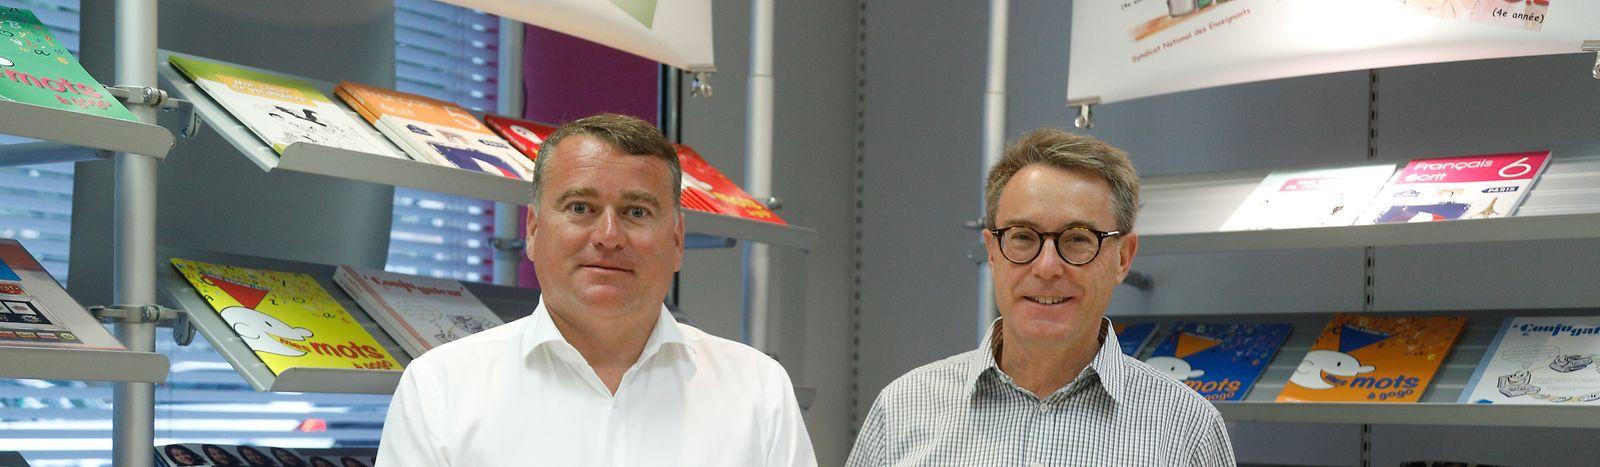 Patrick Remakel, presidente do SNE e Gilles Glesener, secretário-geral do SNE.